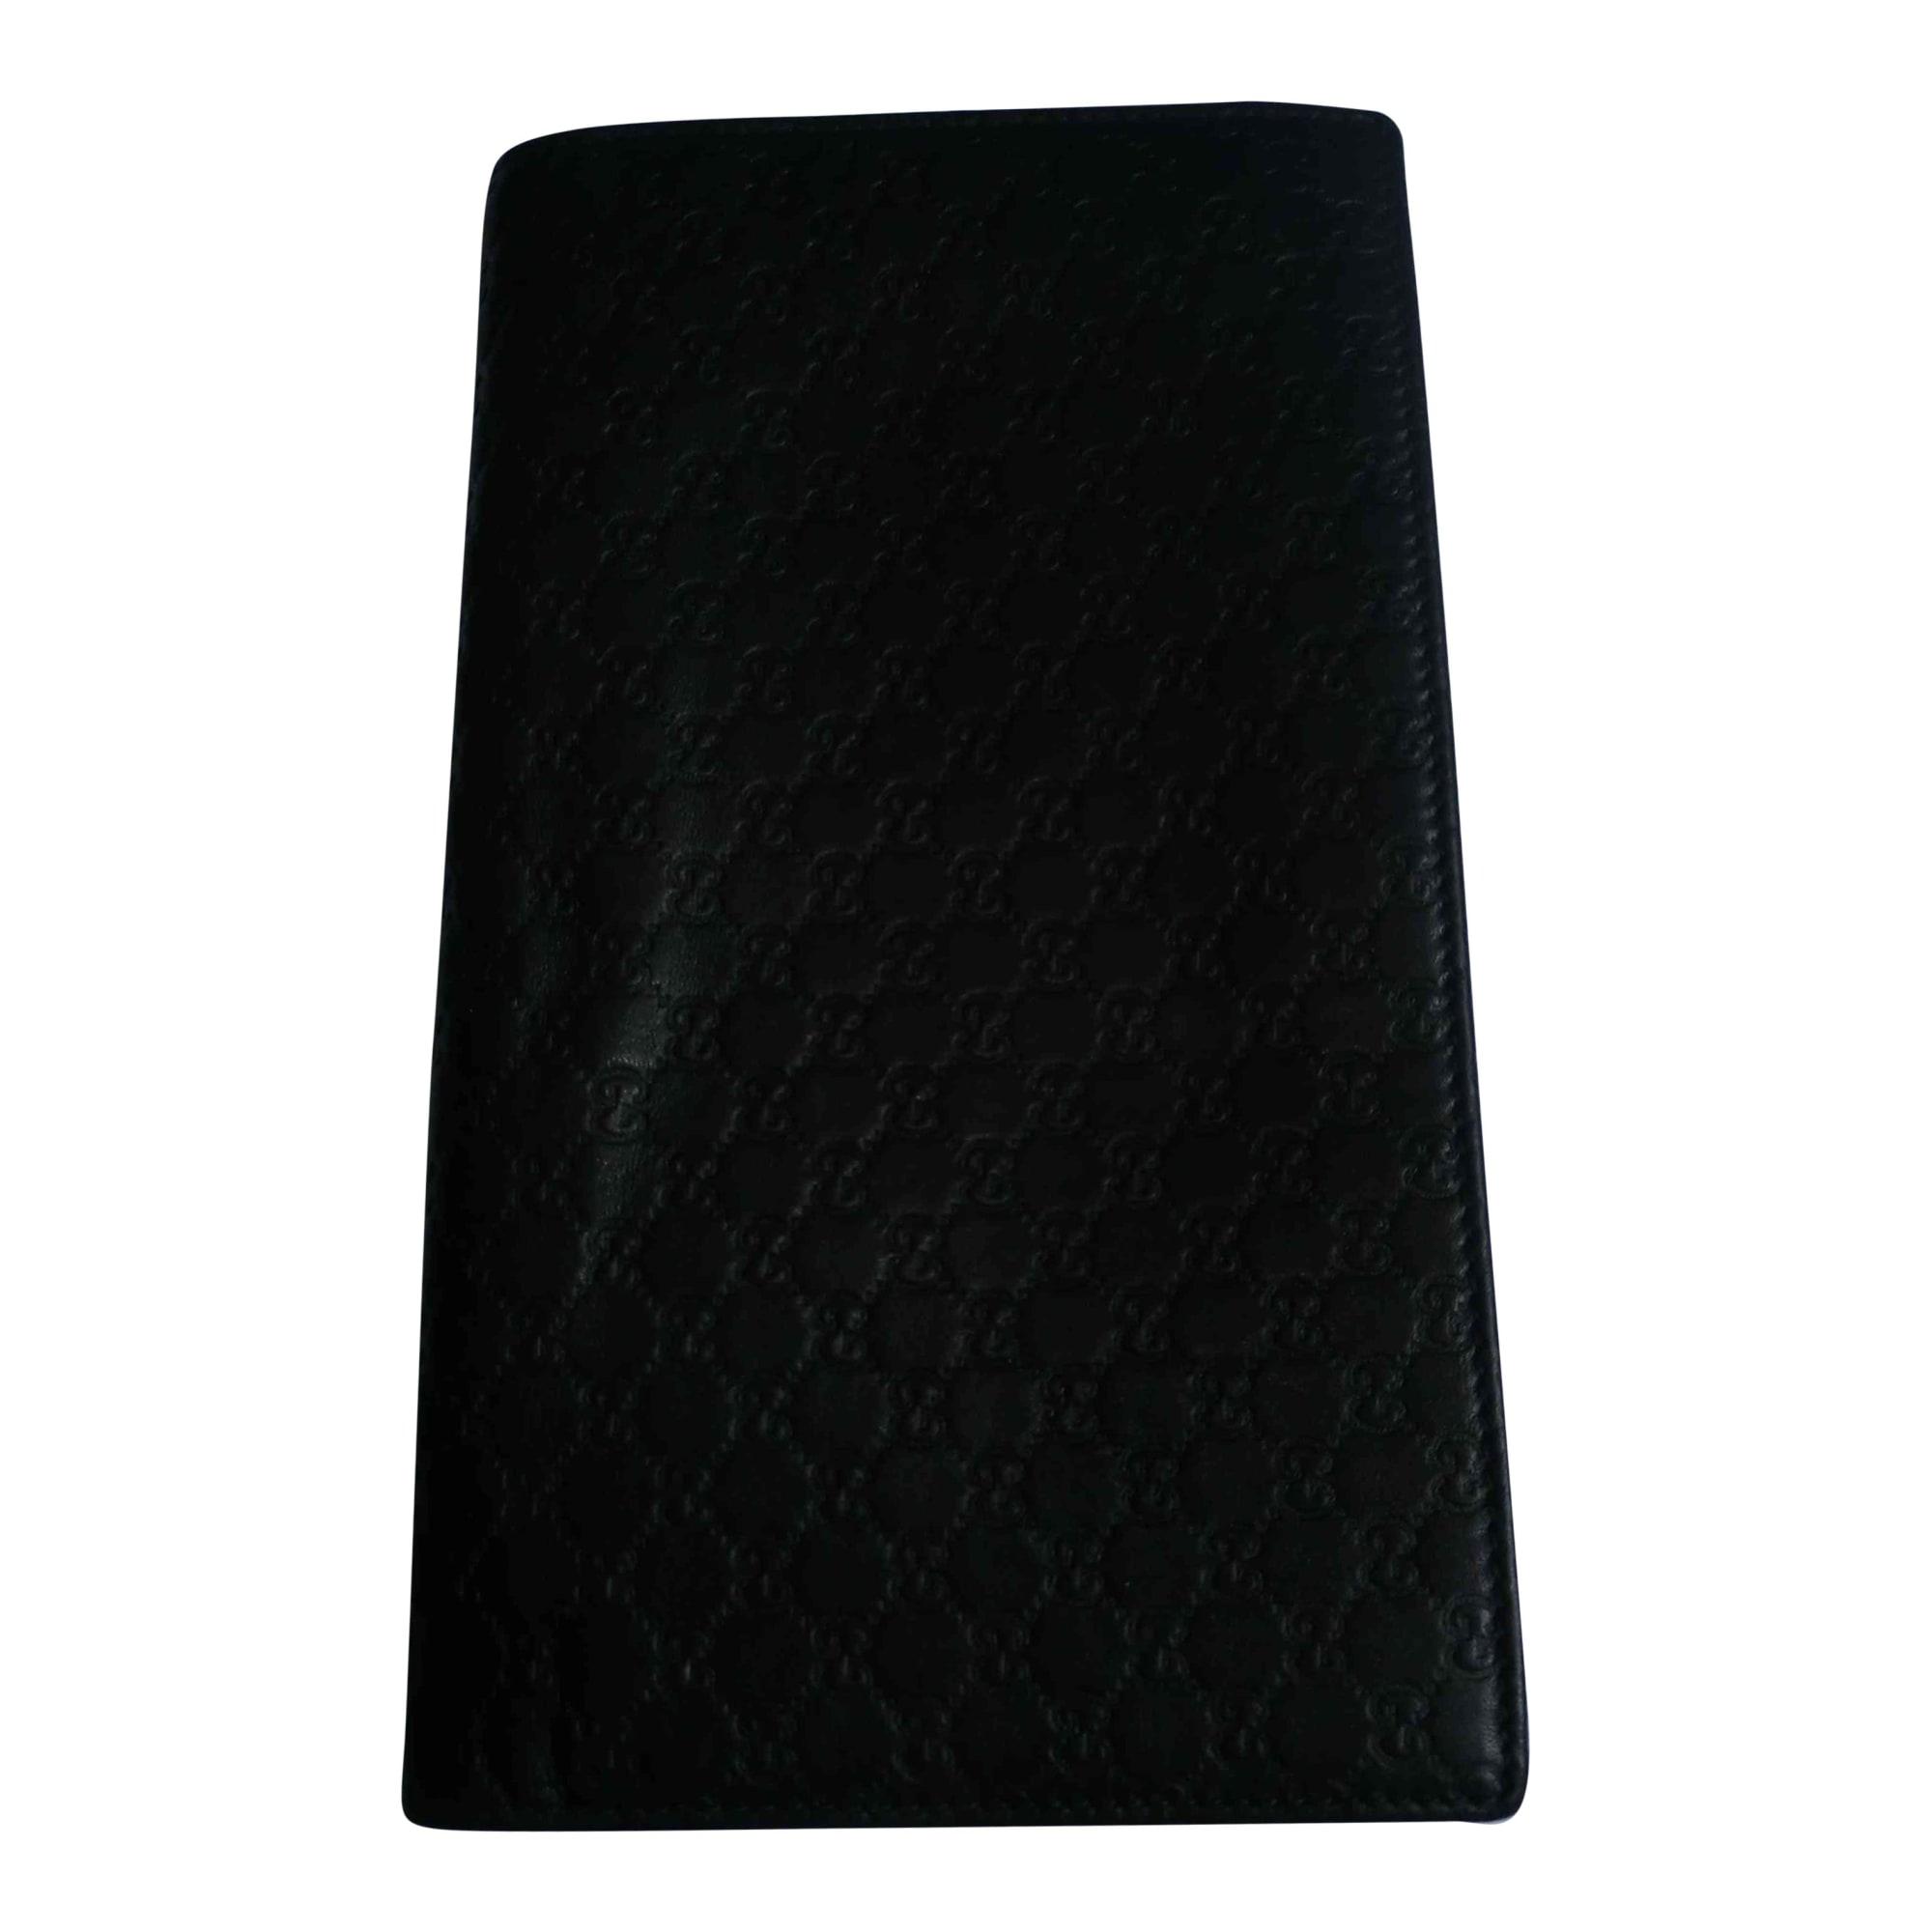 5b0ba2ddfc7f Portefeuille GUCCI noir - 2704564